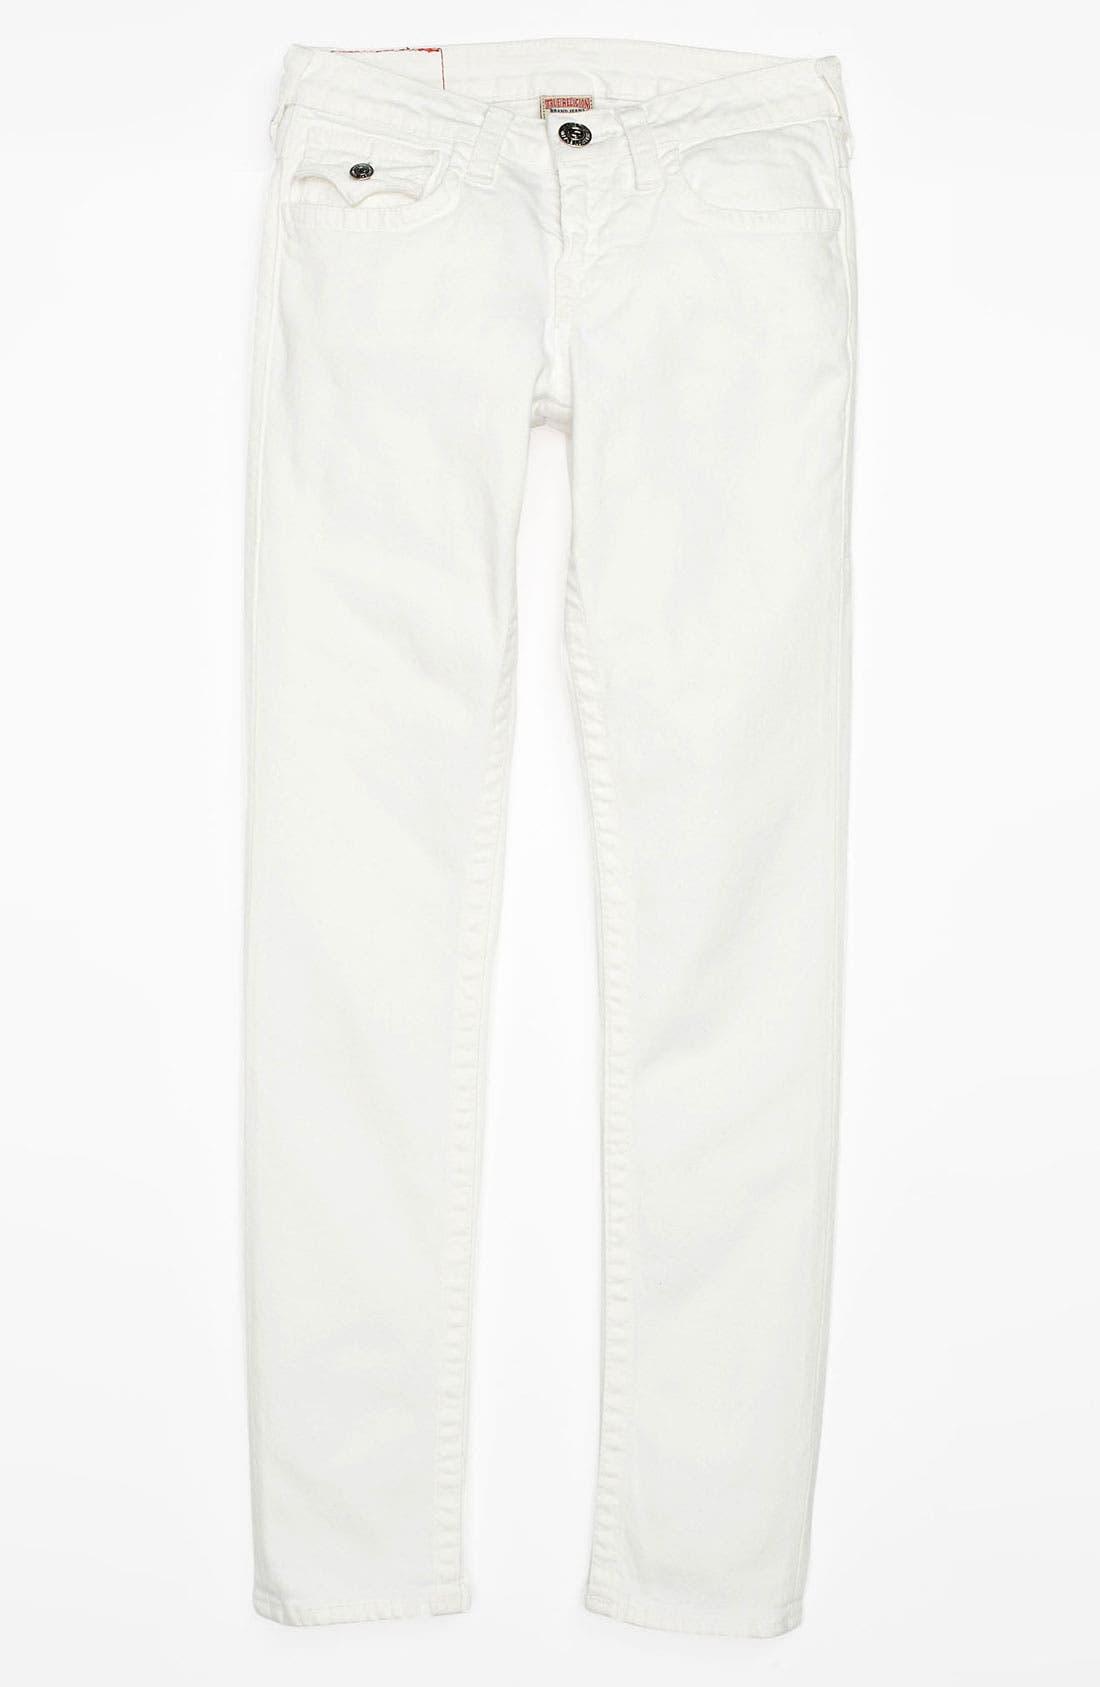 Alternate Image 2  - True Religion Brand Jeans 'Misty' Skinny Leg Jeans (Little Girls & Big Girls)